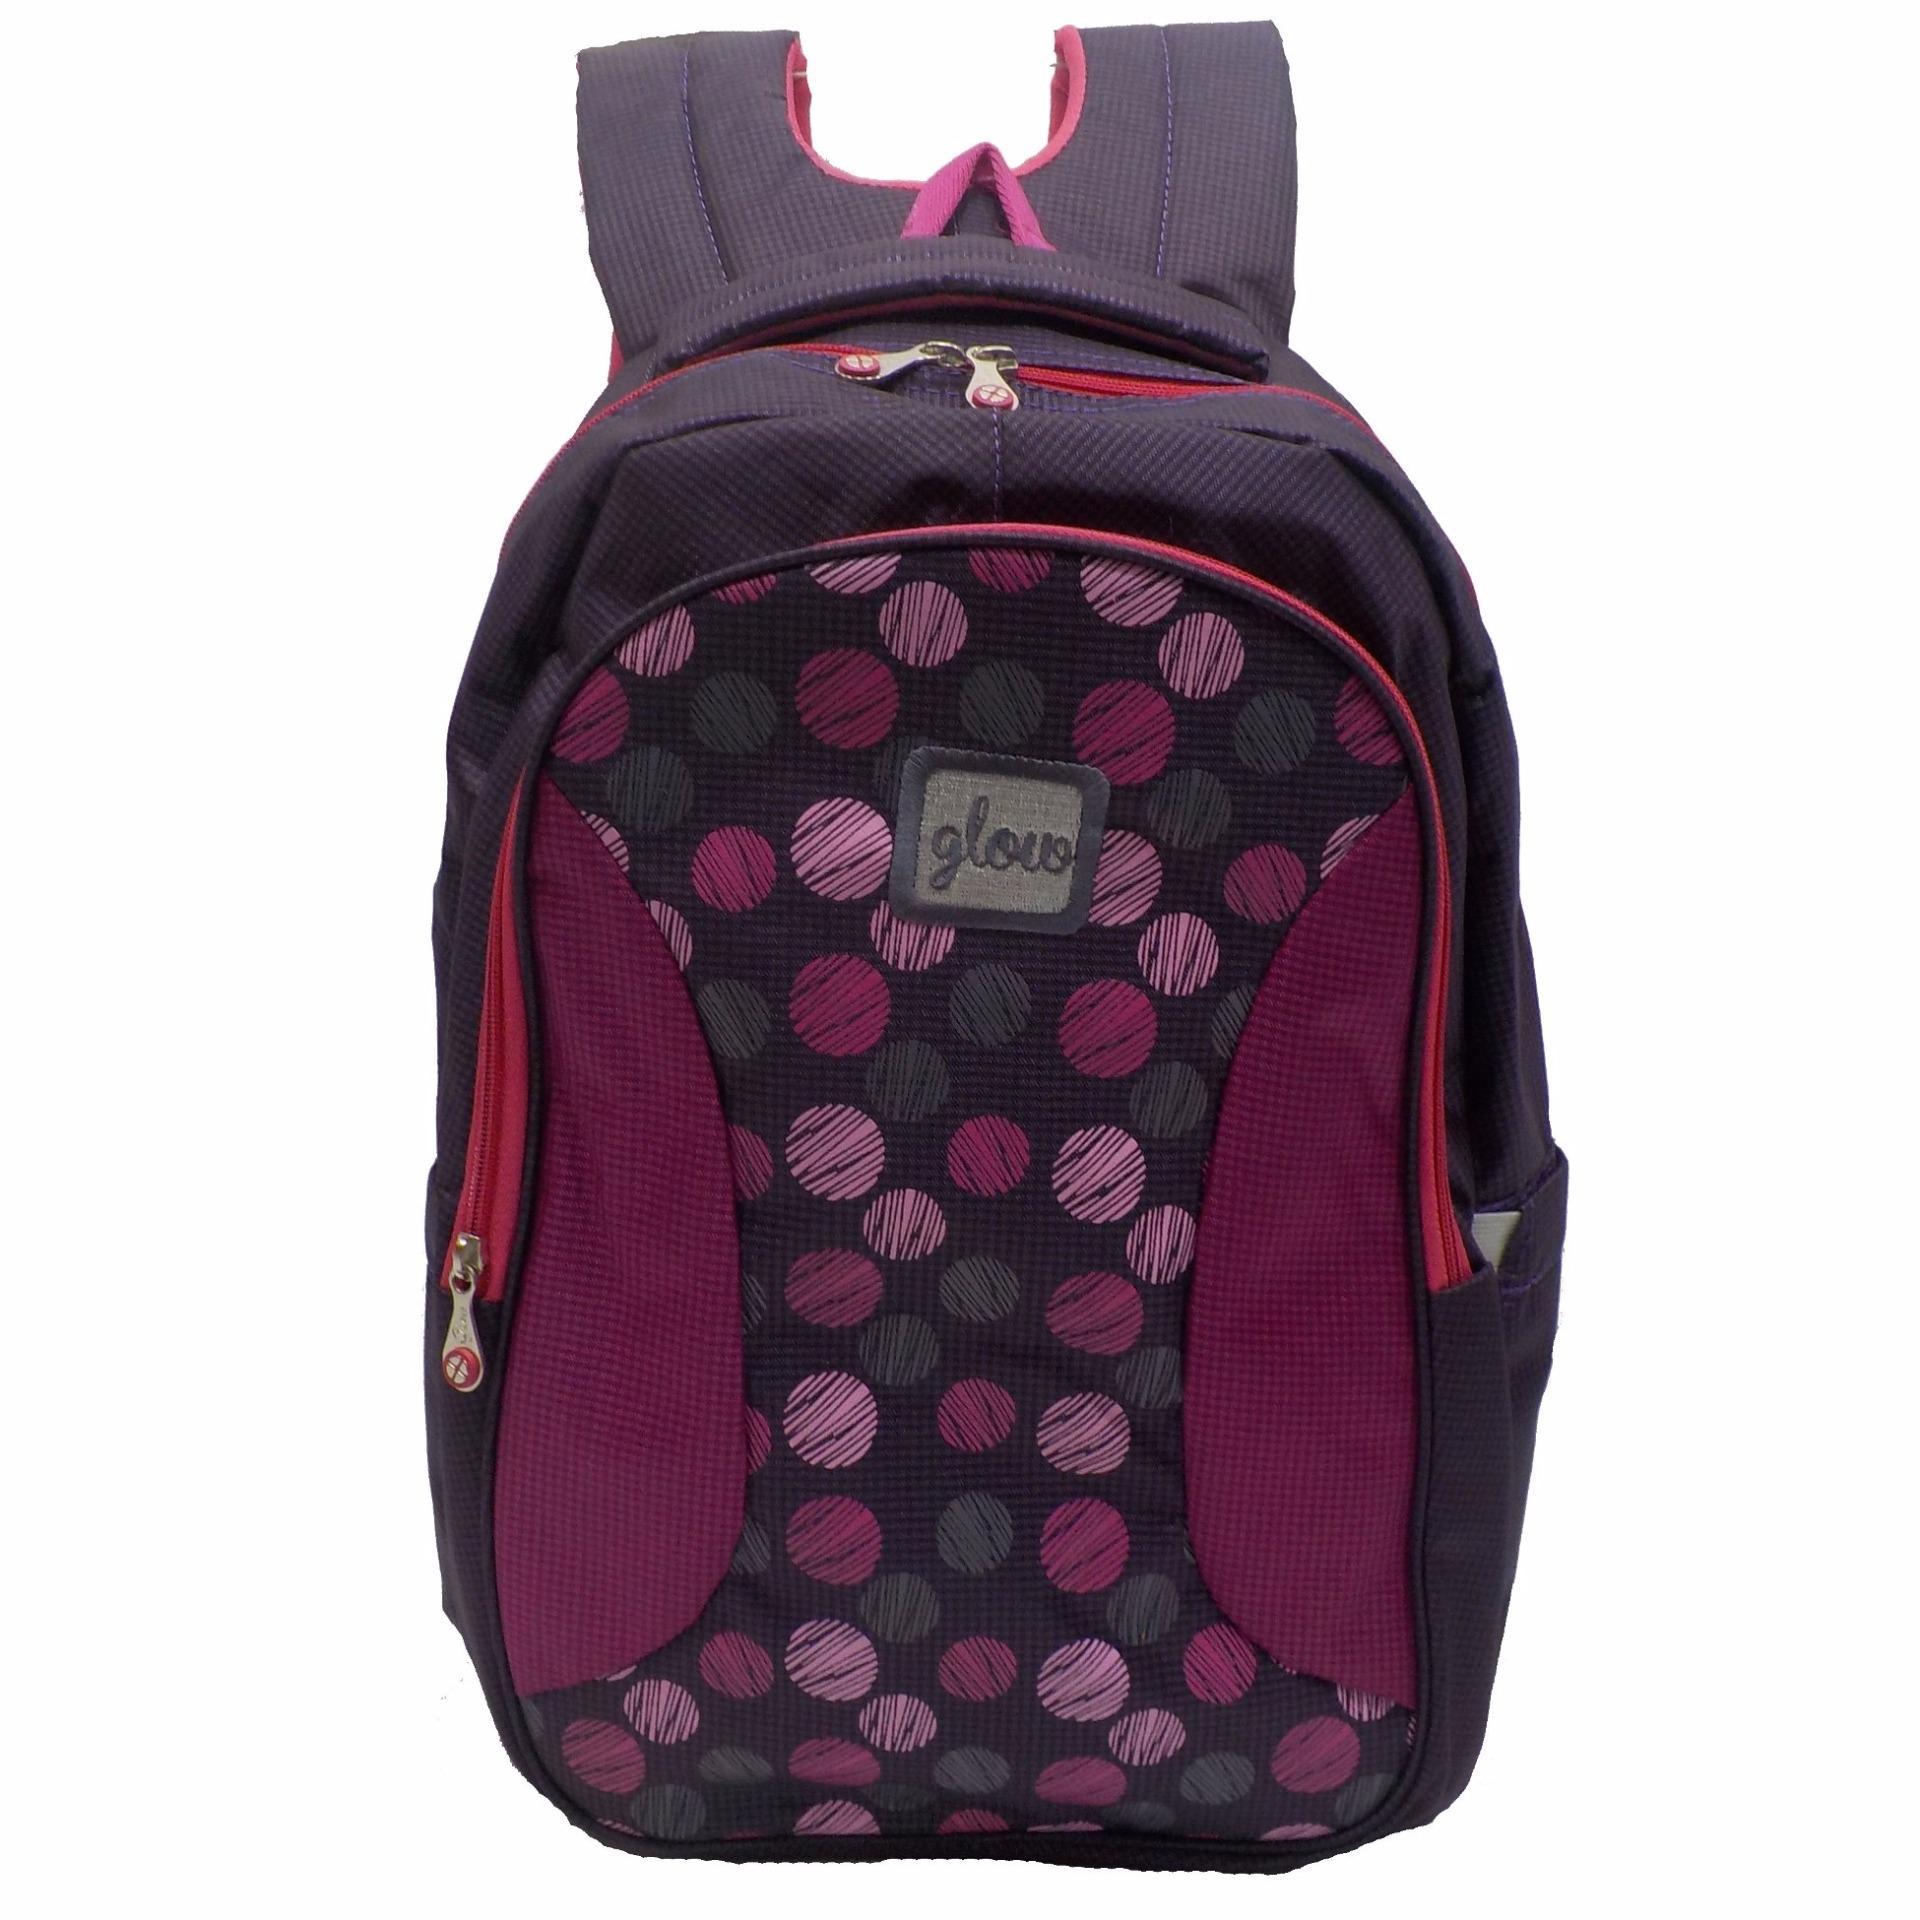 Glow Tas Ransel Laptop+Raincover sekolah Wanita 613114